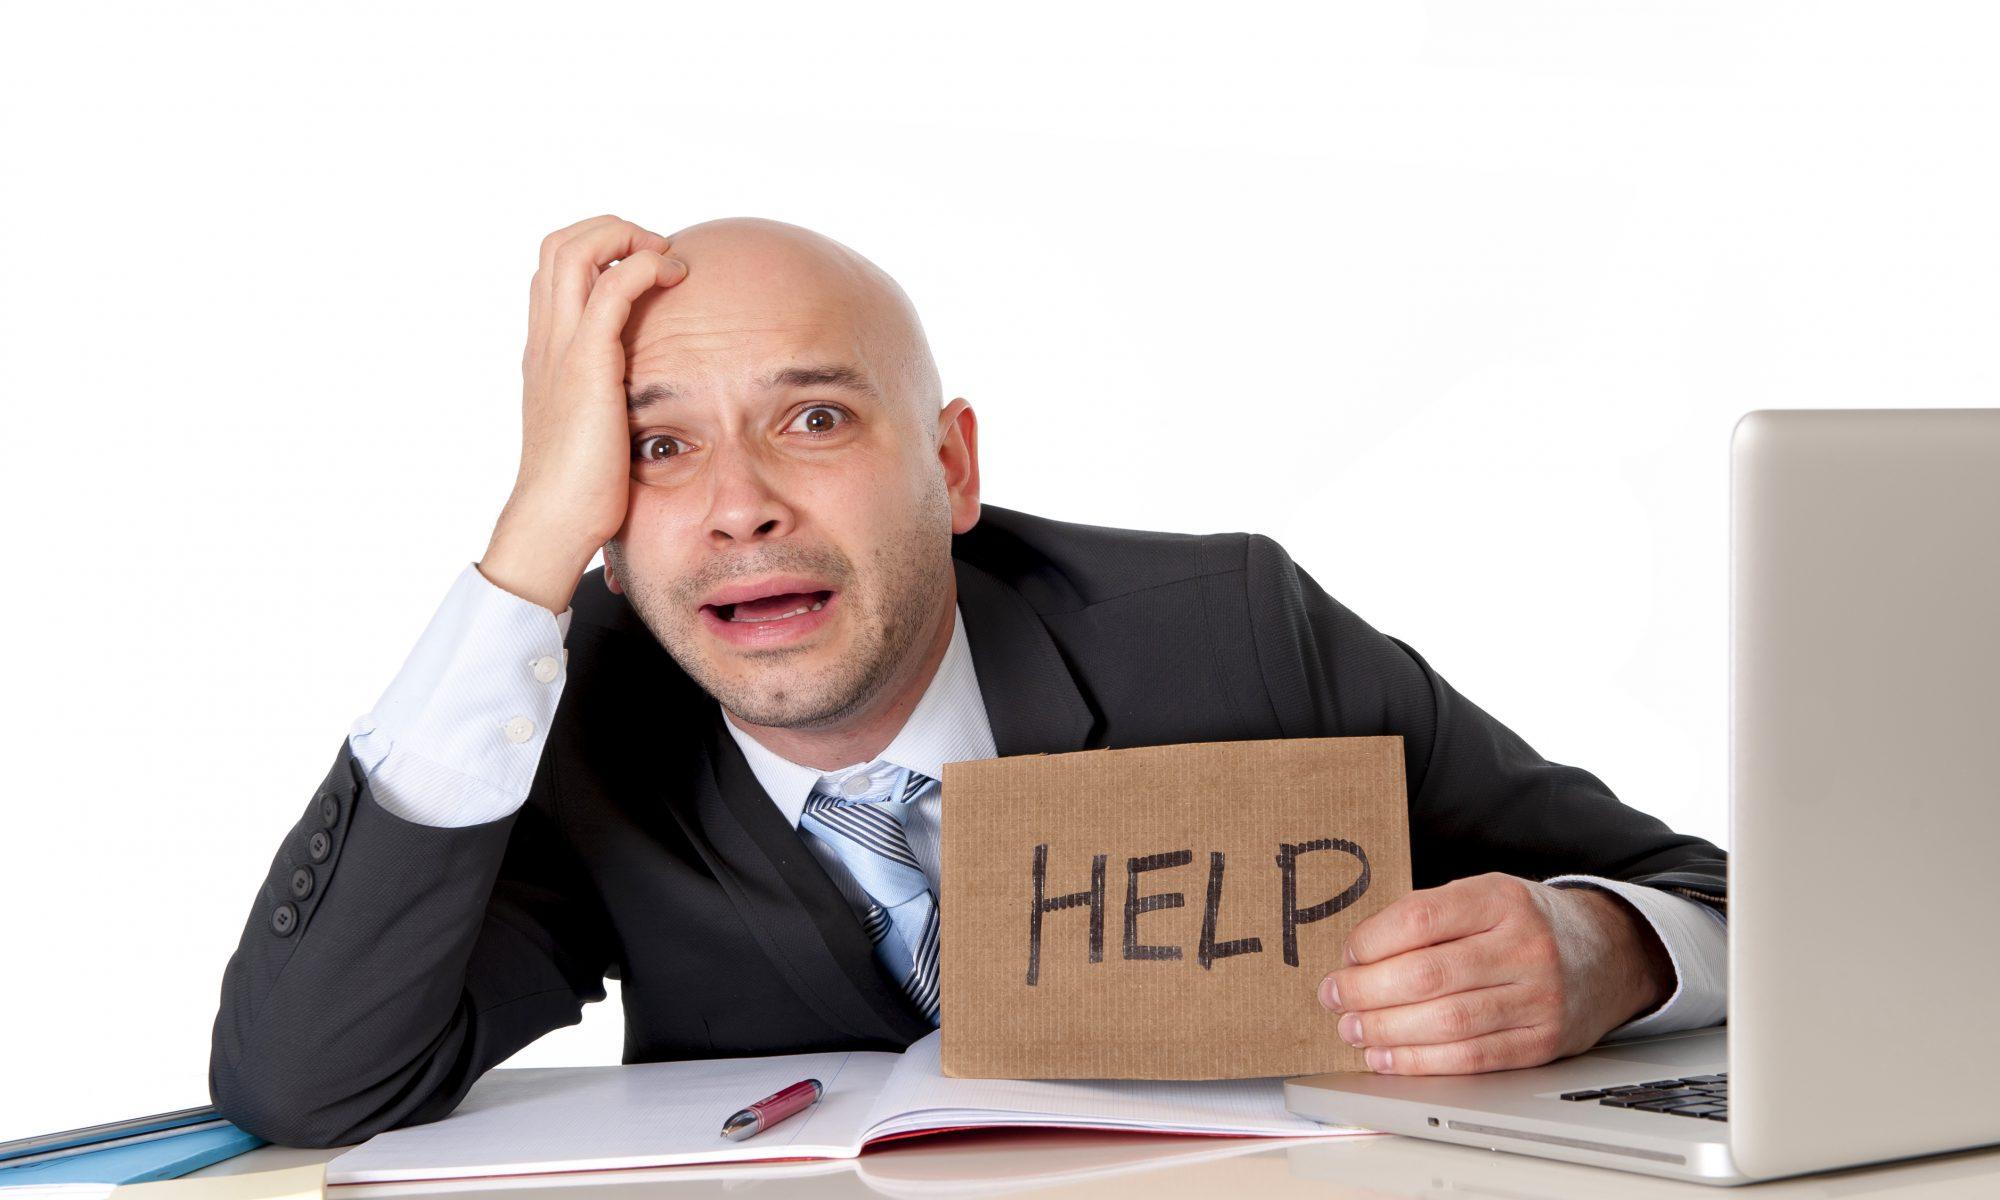 Kekurangan Modal Hal Yang Membuat Banyak Bisnis Gagal